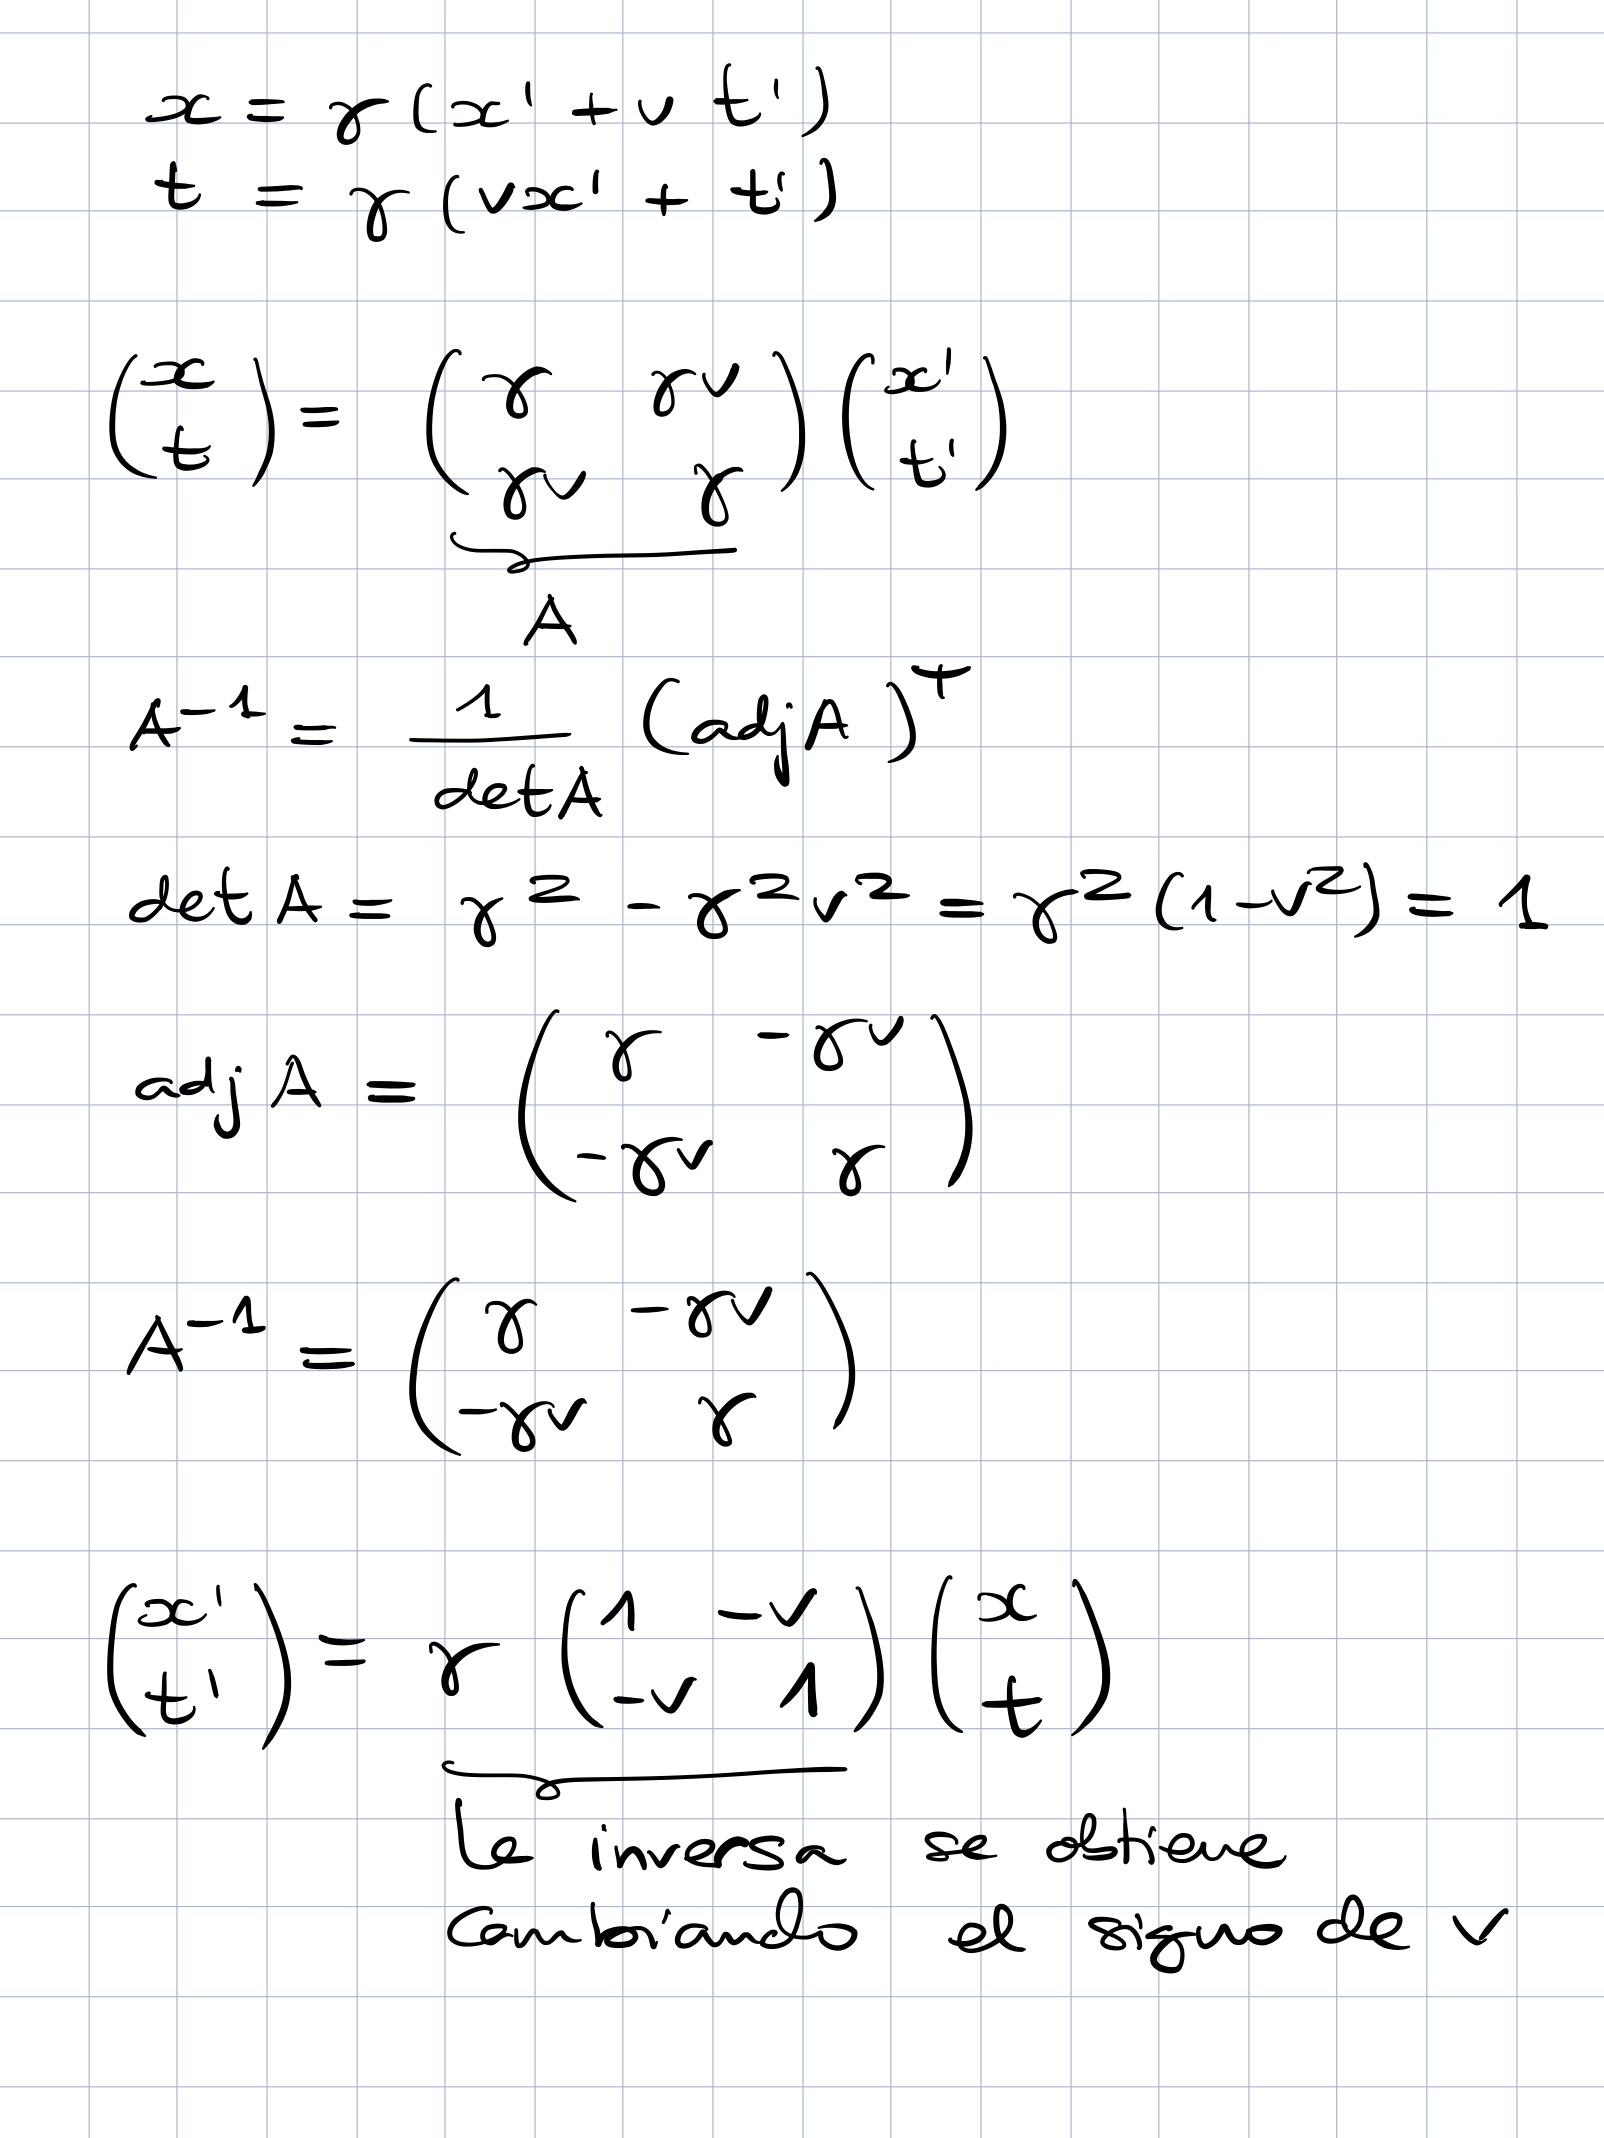 Cálculo de la transformación inversa